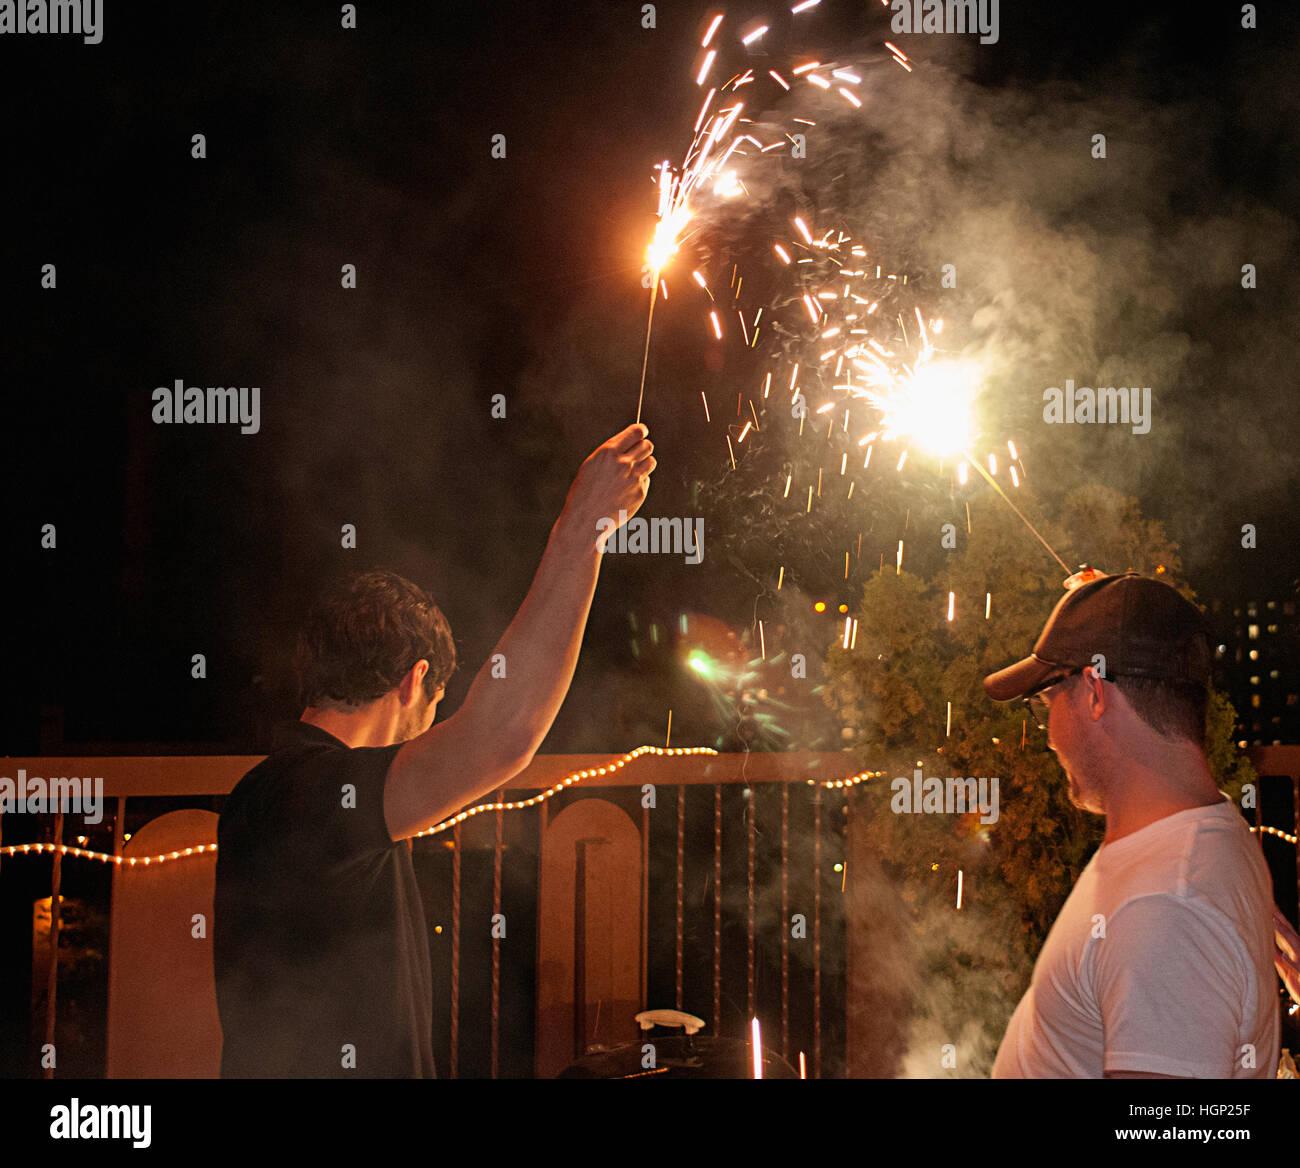 Deux hommes célébrant le 4 juillet à New York. Photo Stock